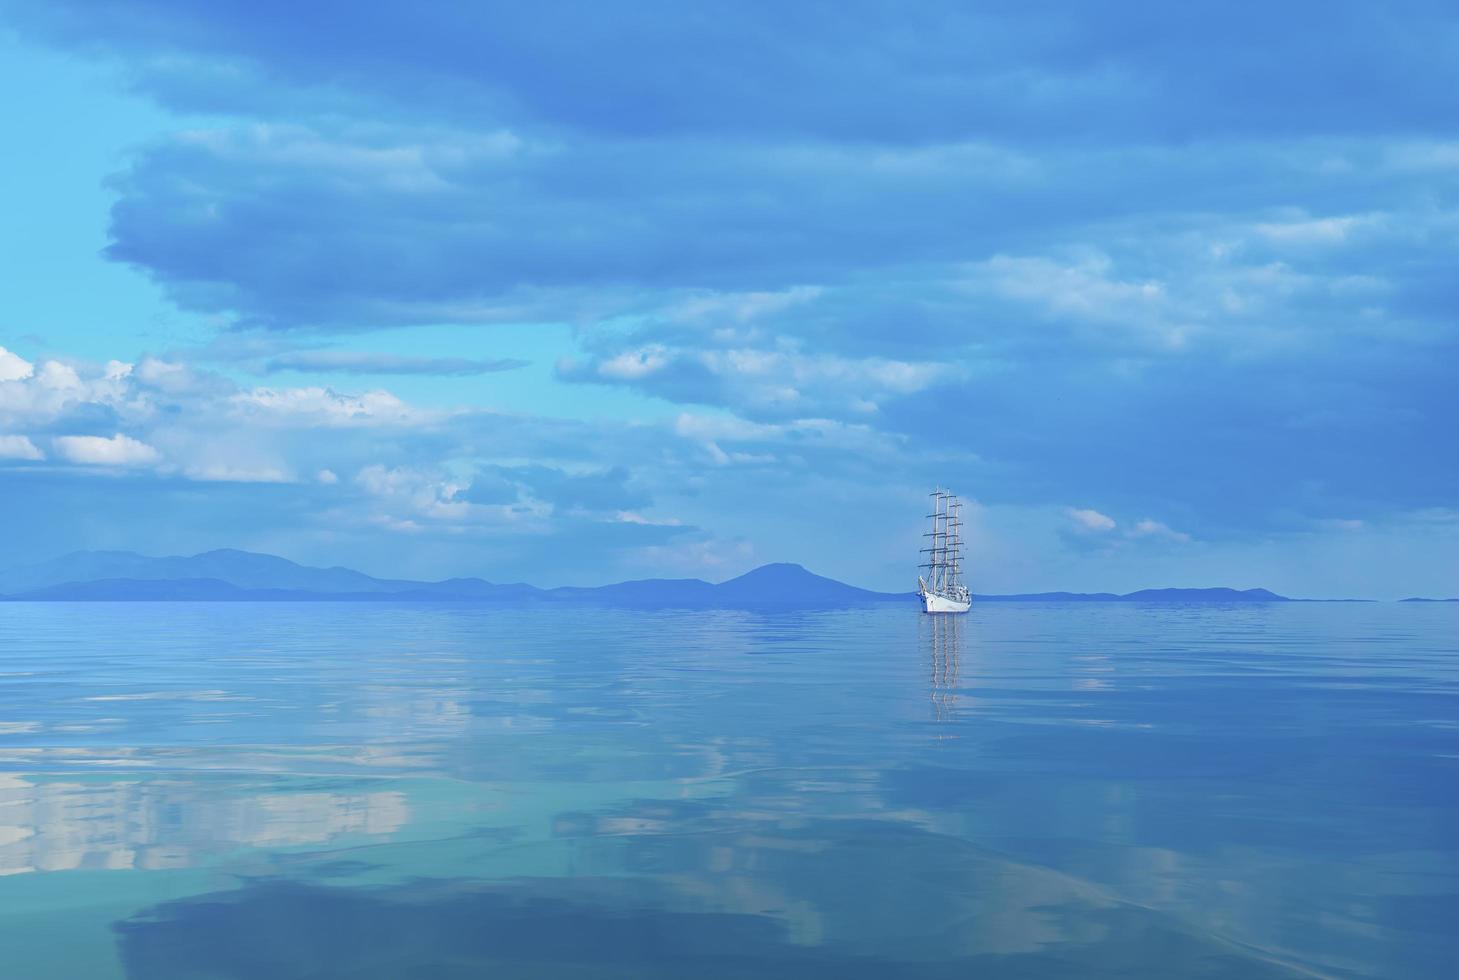 Seelandschaft mit einem schönen Segelboot am Horizont. foto